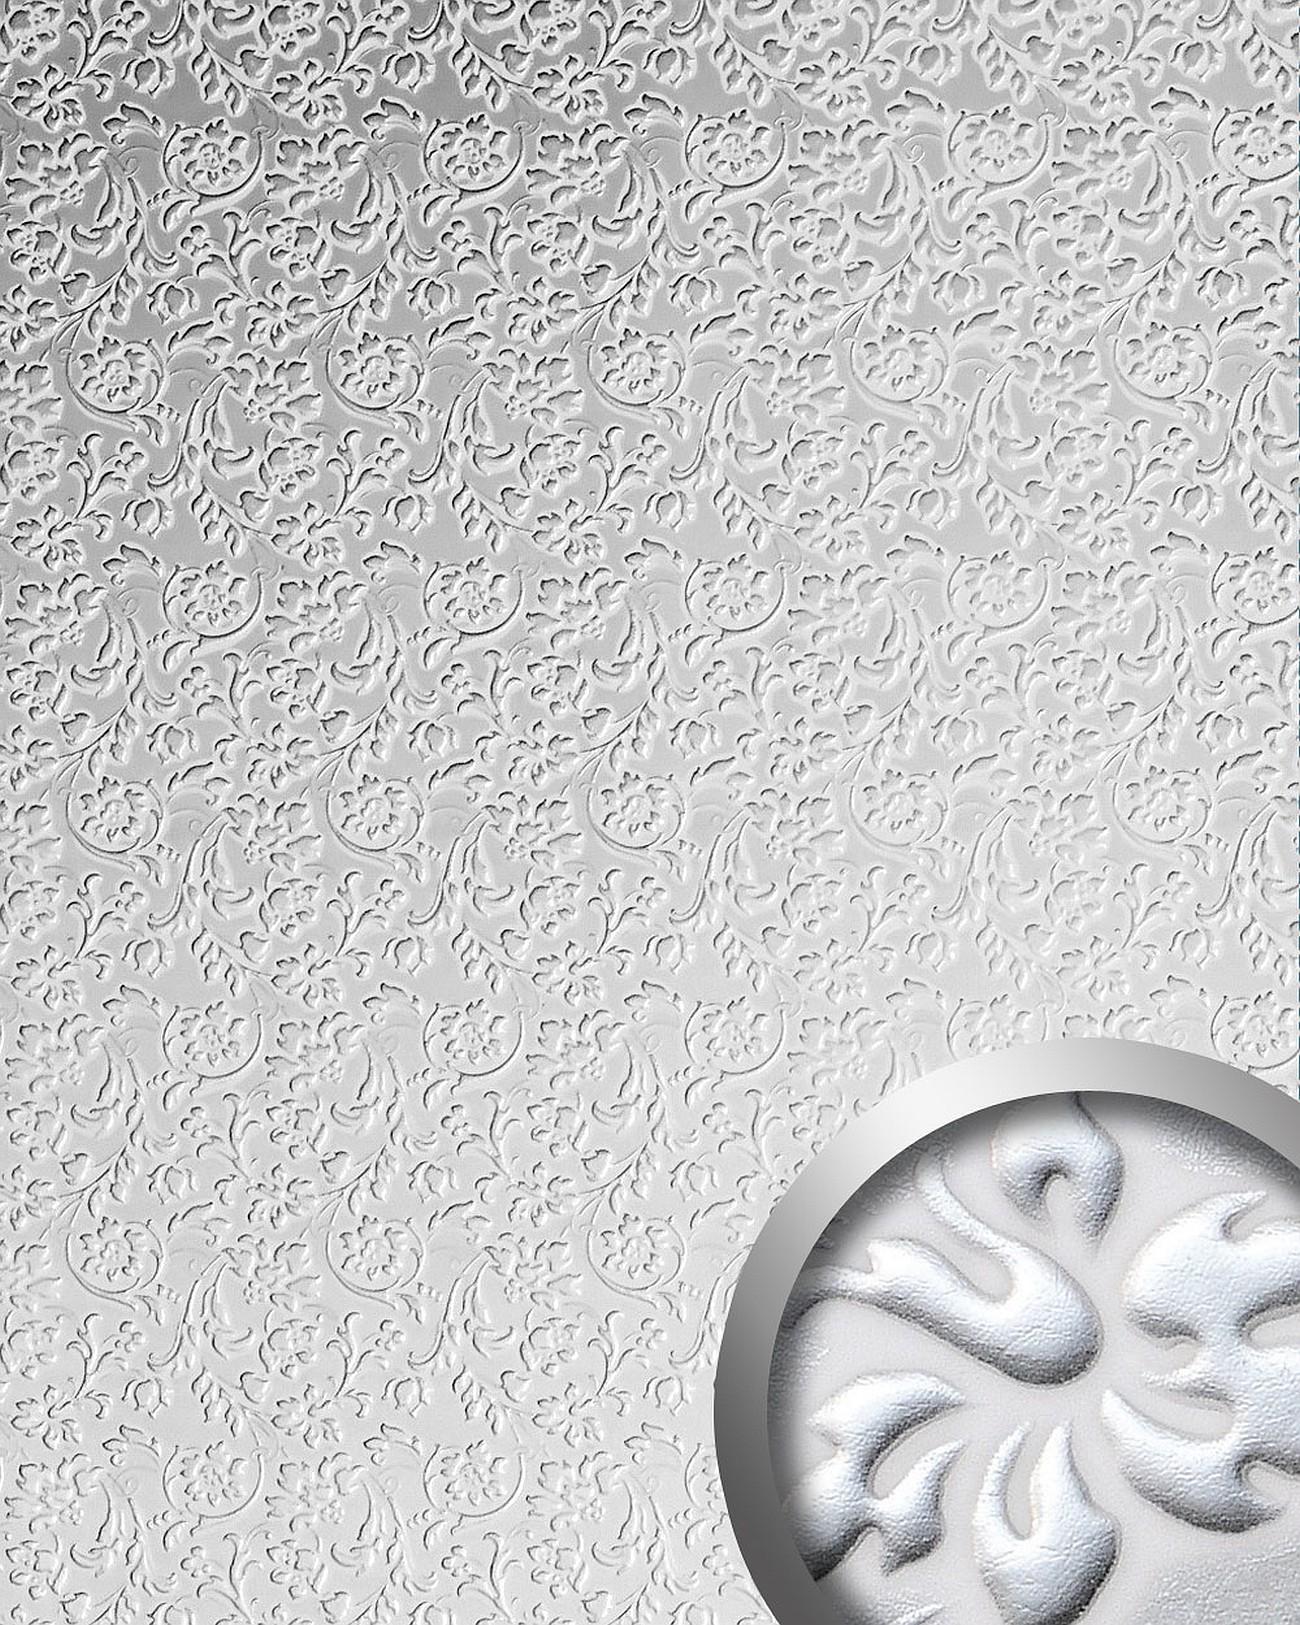 La migliore Pannelli Decorativi Isolanti Idee e immagini di ispirazione  ezsrc.com Trova ...